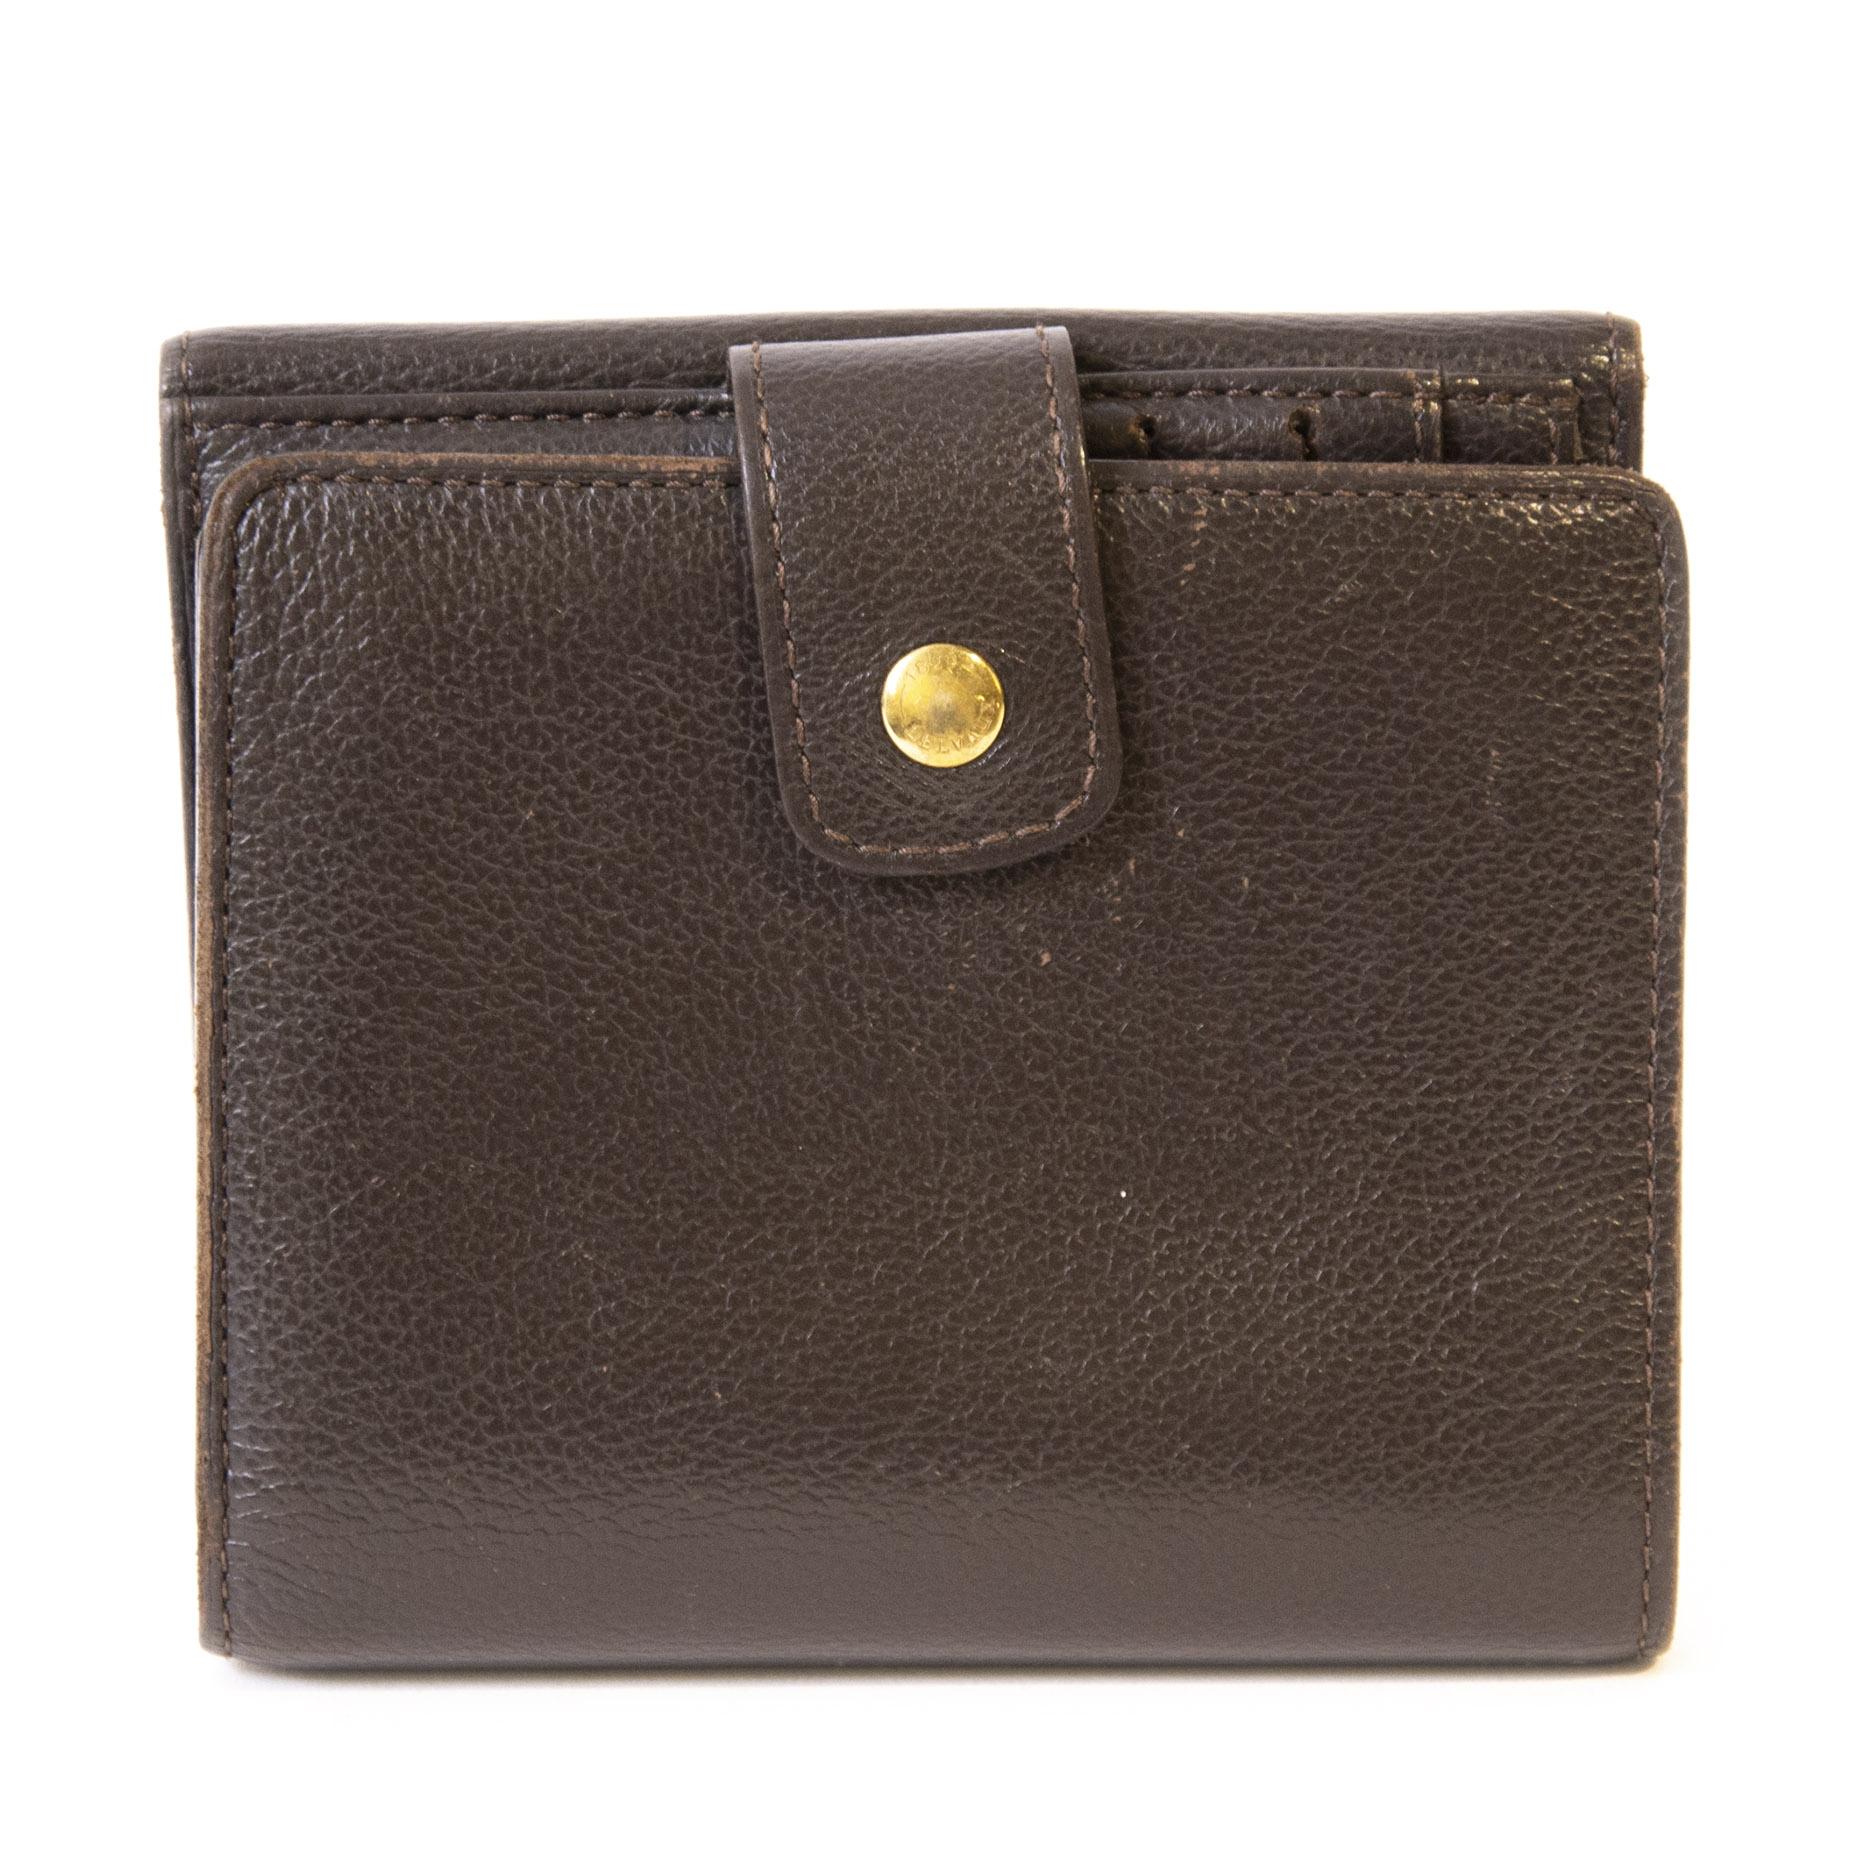 Authentieke Tweedehands Delvaux Dark Brown Wallet juiste prijs veilig online shoppen luxe merken webshop winkelen Antwerpen België mode fashion